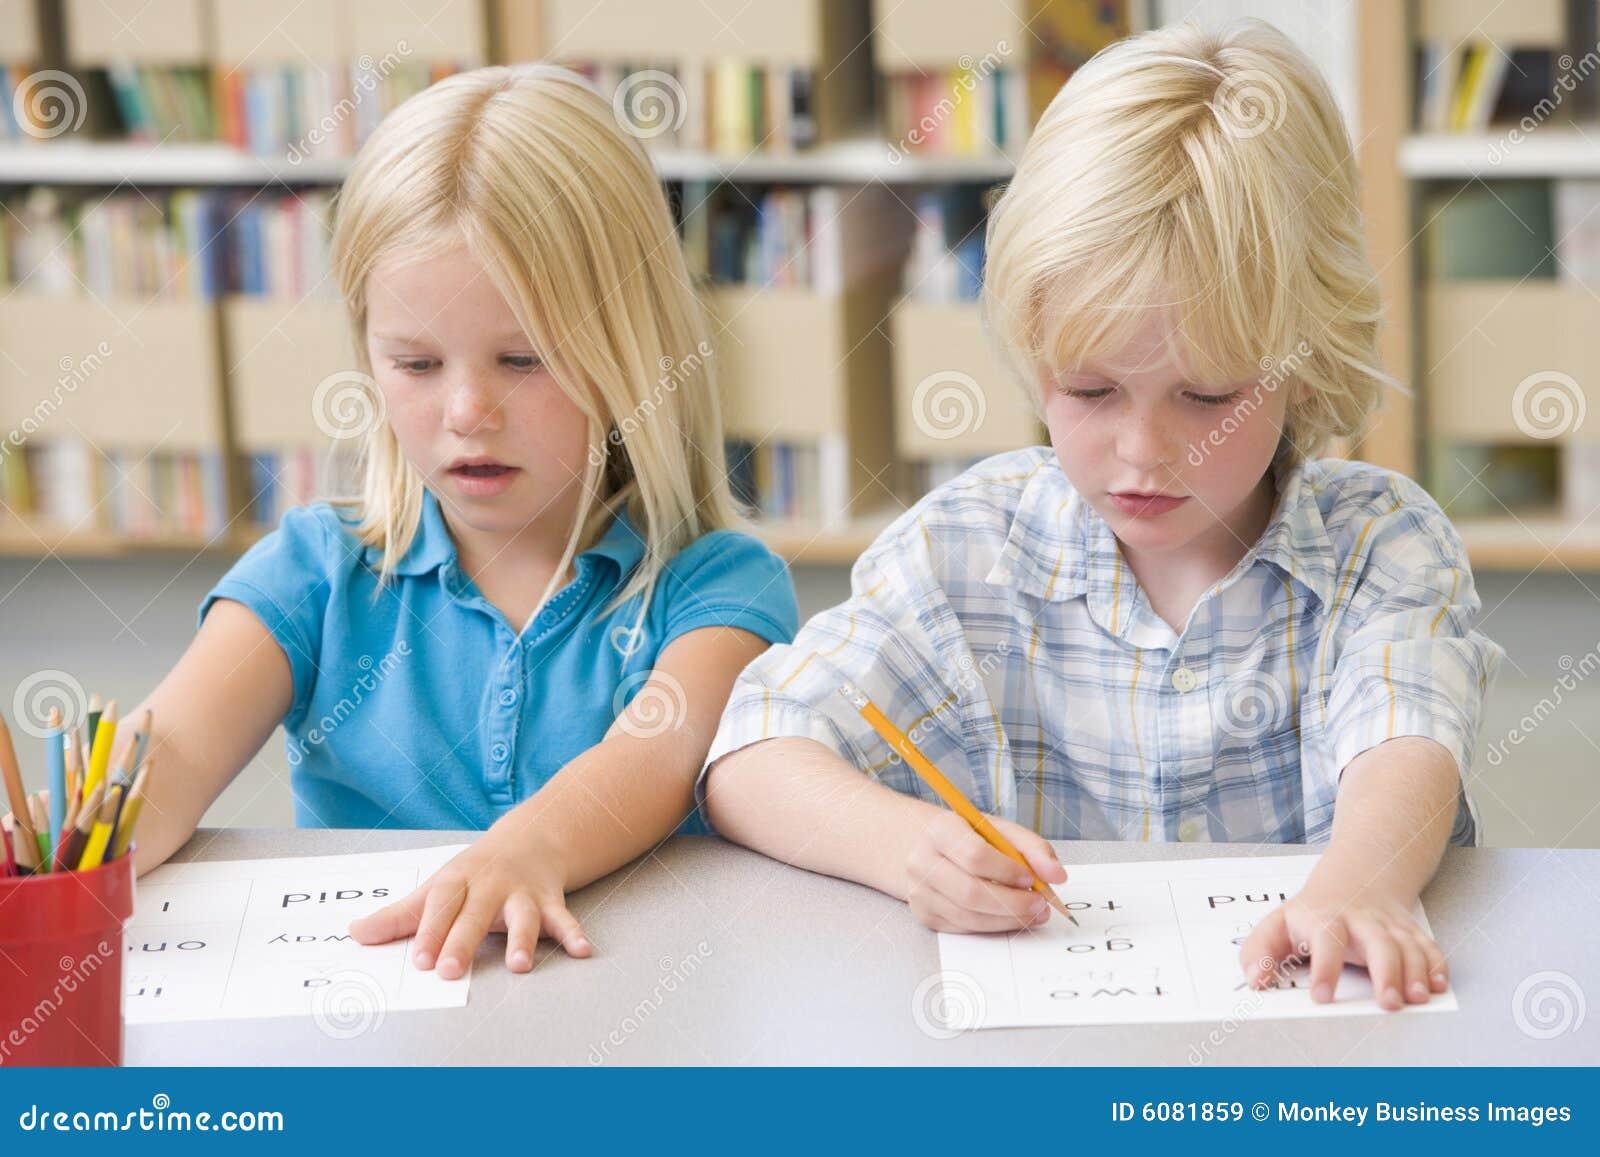 Kindergarten Children Learning To Write Stock Image ...